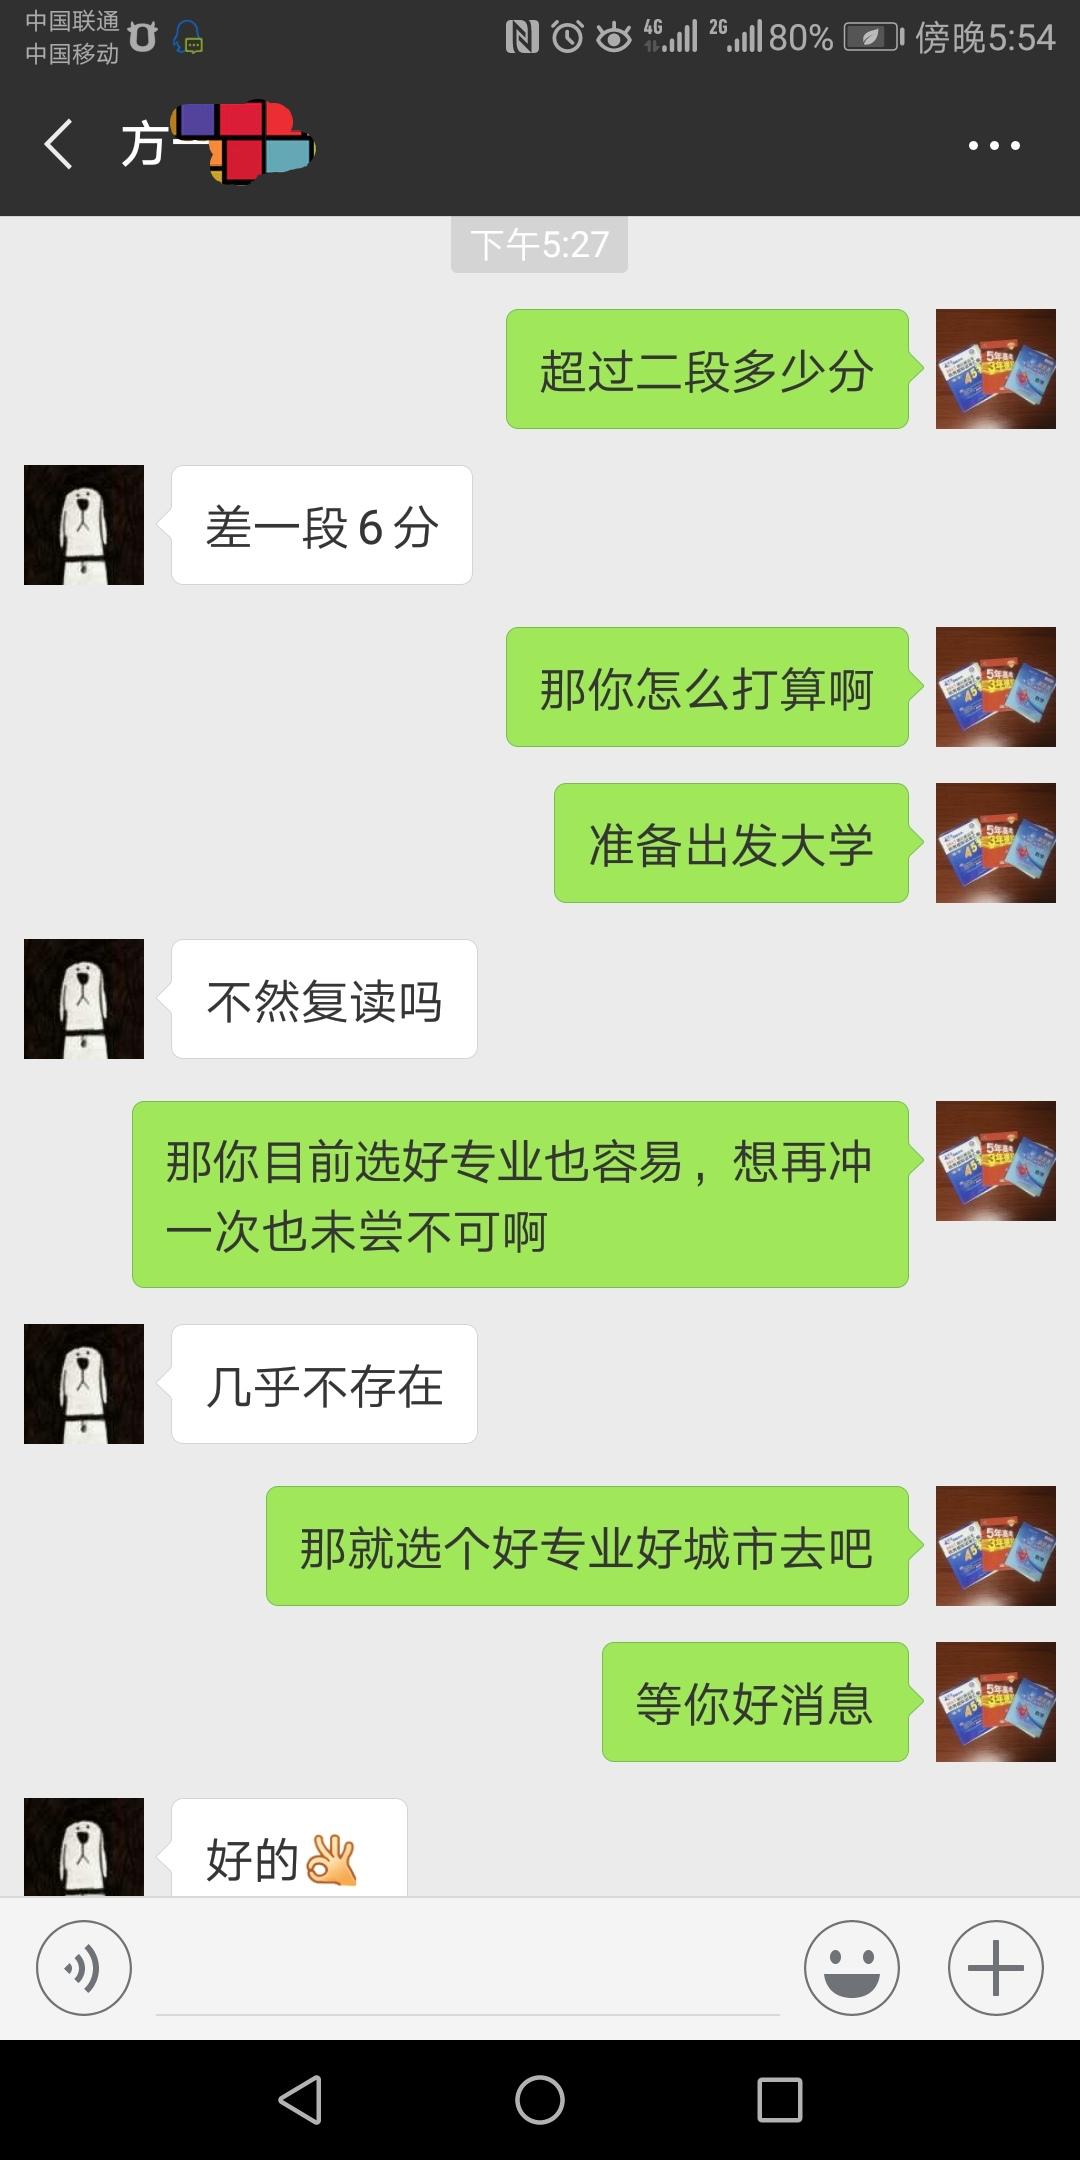 梁老师师相册15